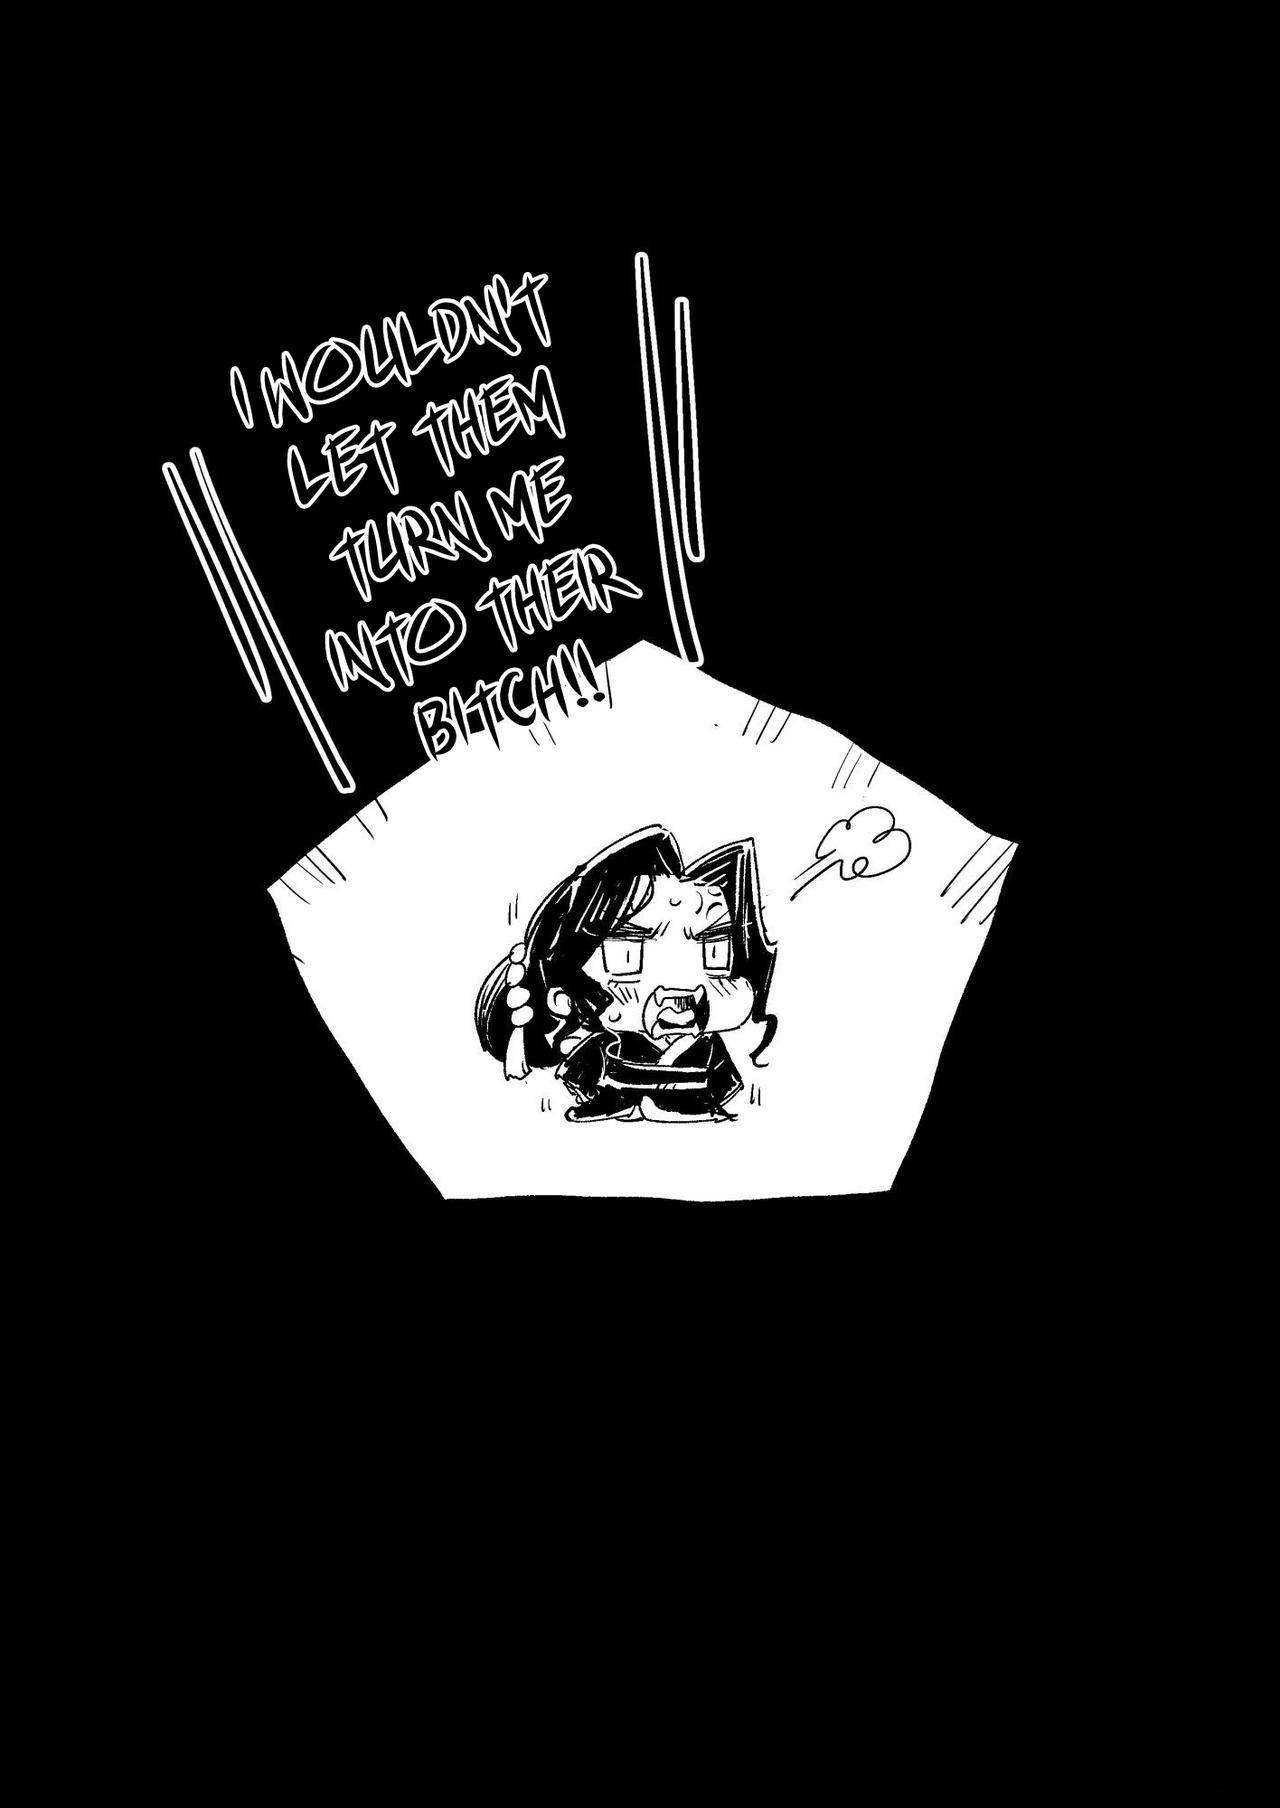 [Eromazun (Ma-kurou)] Mesu Ochi Jou Muzan-sama - RAPE OF DEMON SLAYER 4 | Making a Mess of Lady Muzan-sama - RAPE OF DEMON SLAYER 4 (Kimetsu no Yaiba) [English] [Keye Necktire] [Digital] 31